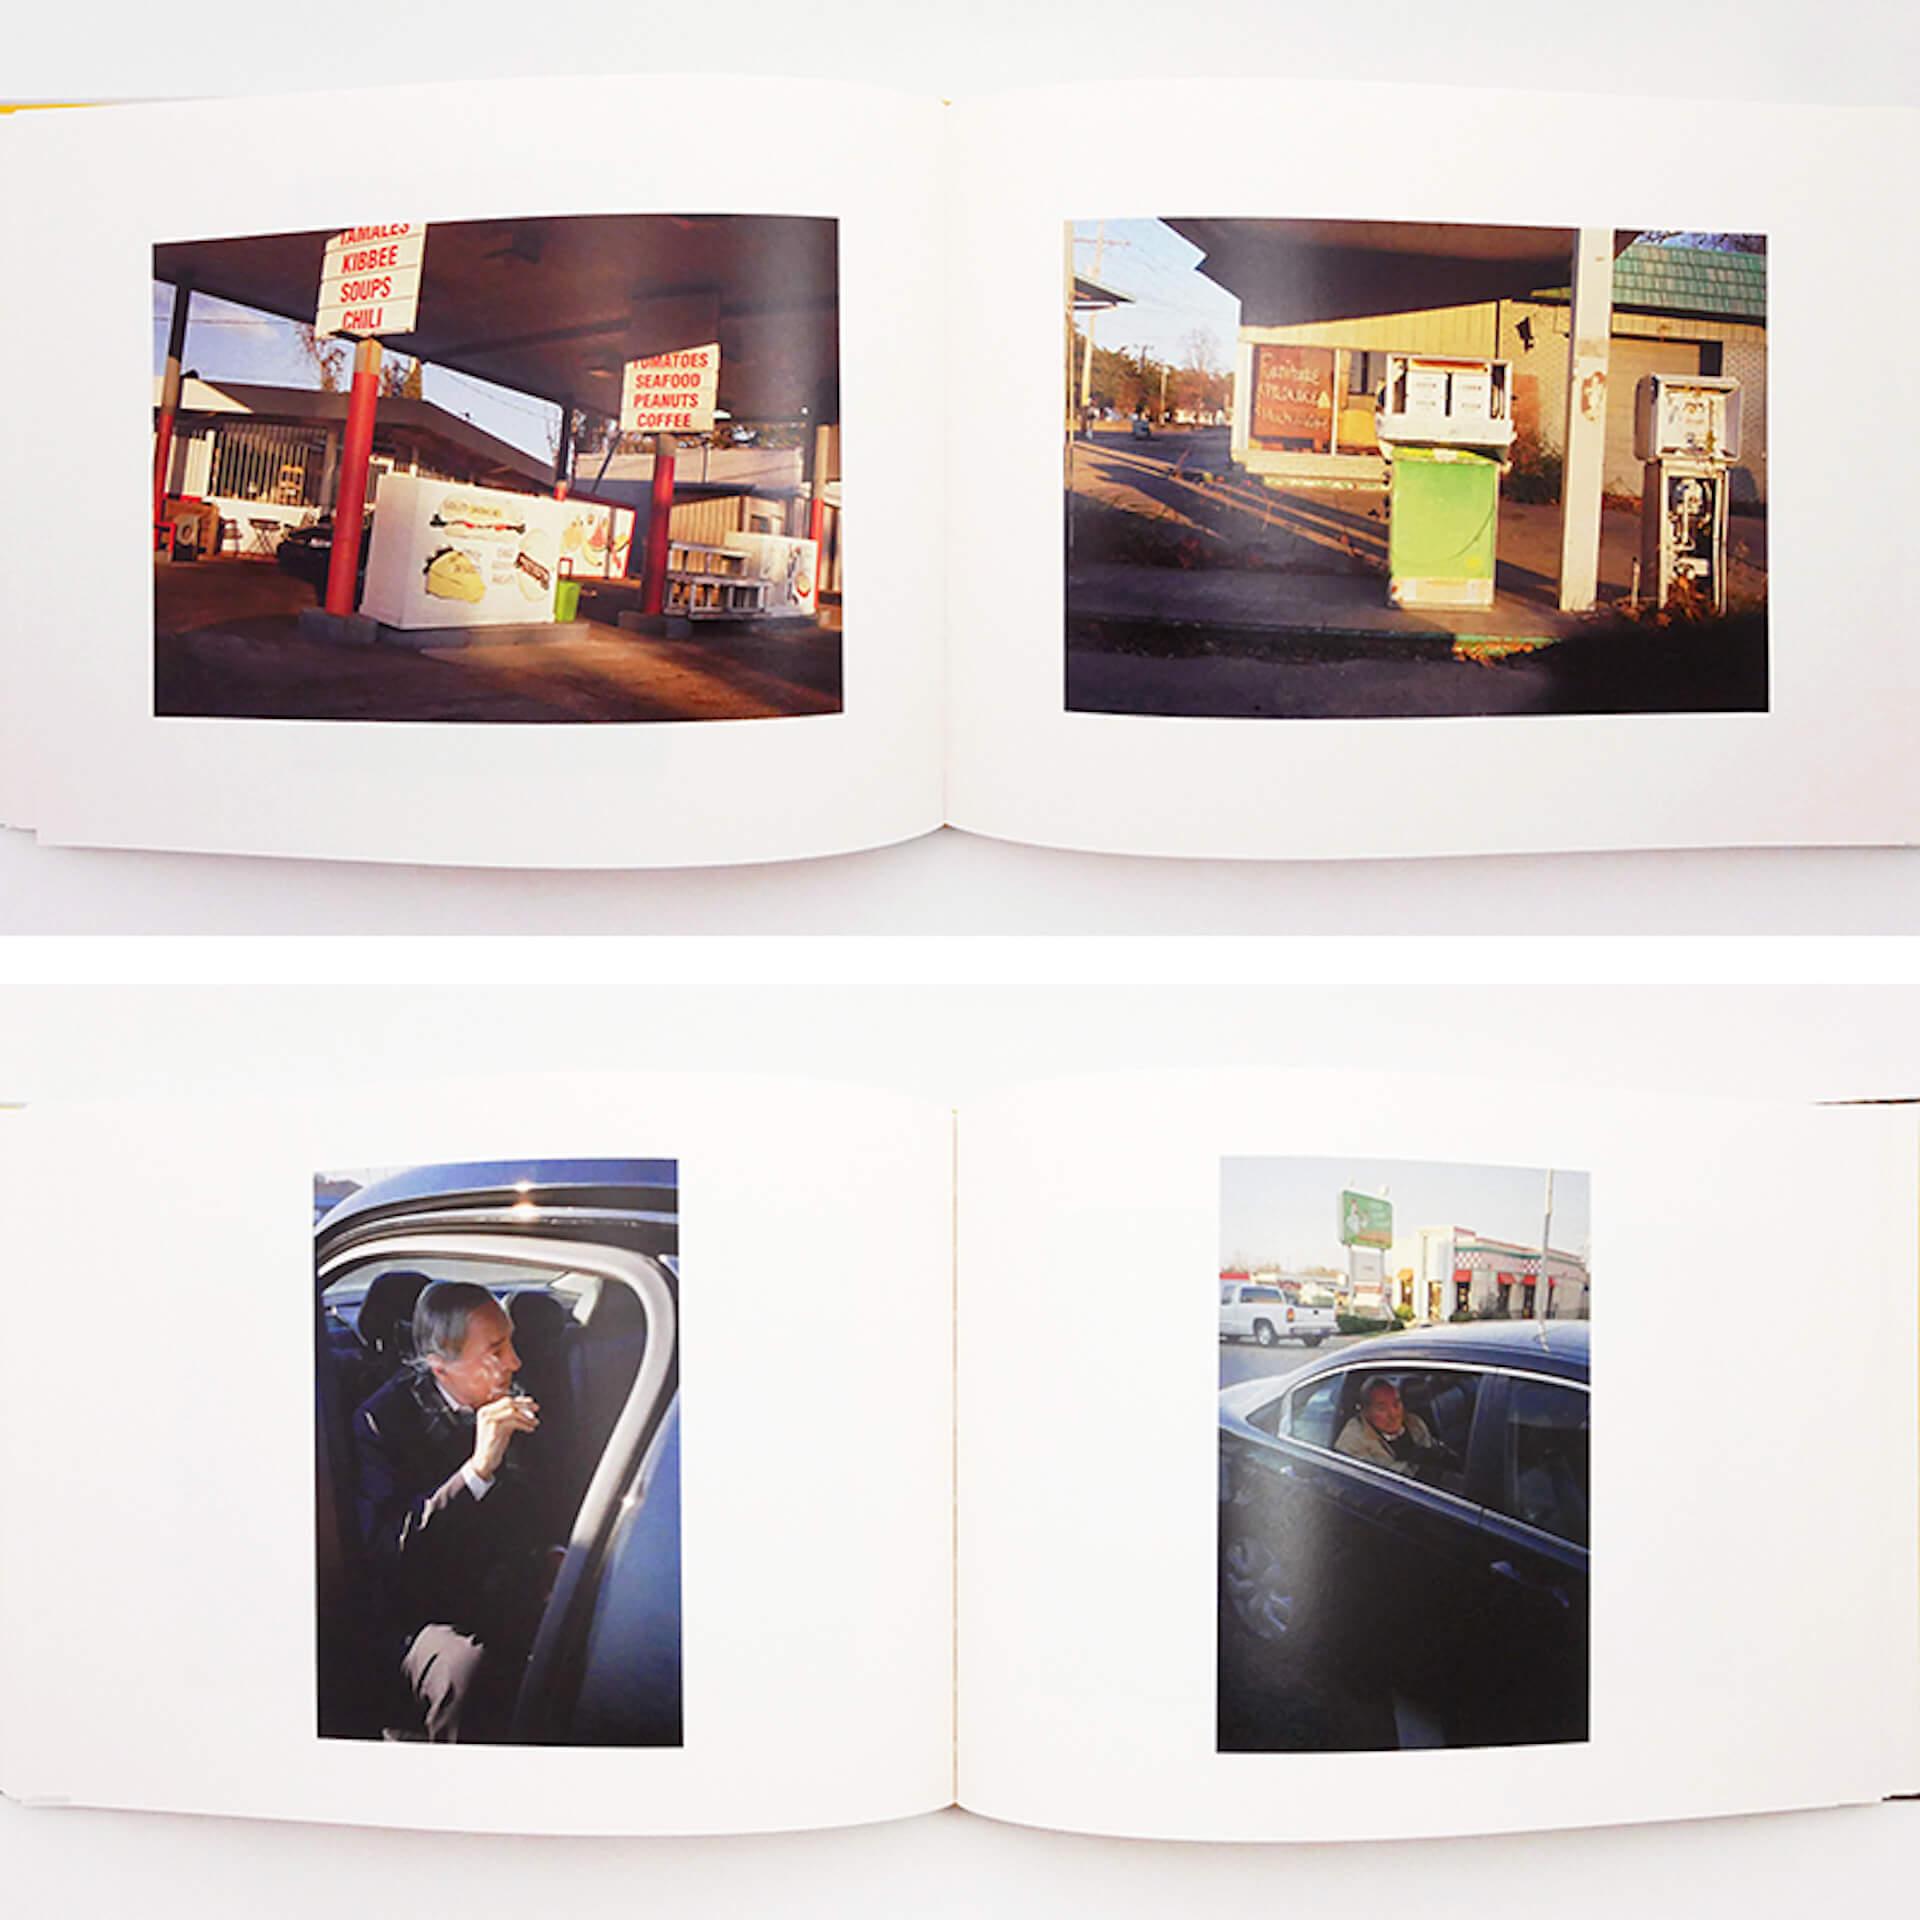 アートブックノススメ|Qetic編集部が選ぶ5冊/Harmony Korine 他 column210210_artbook-012